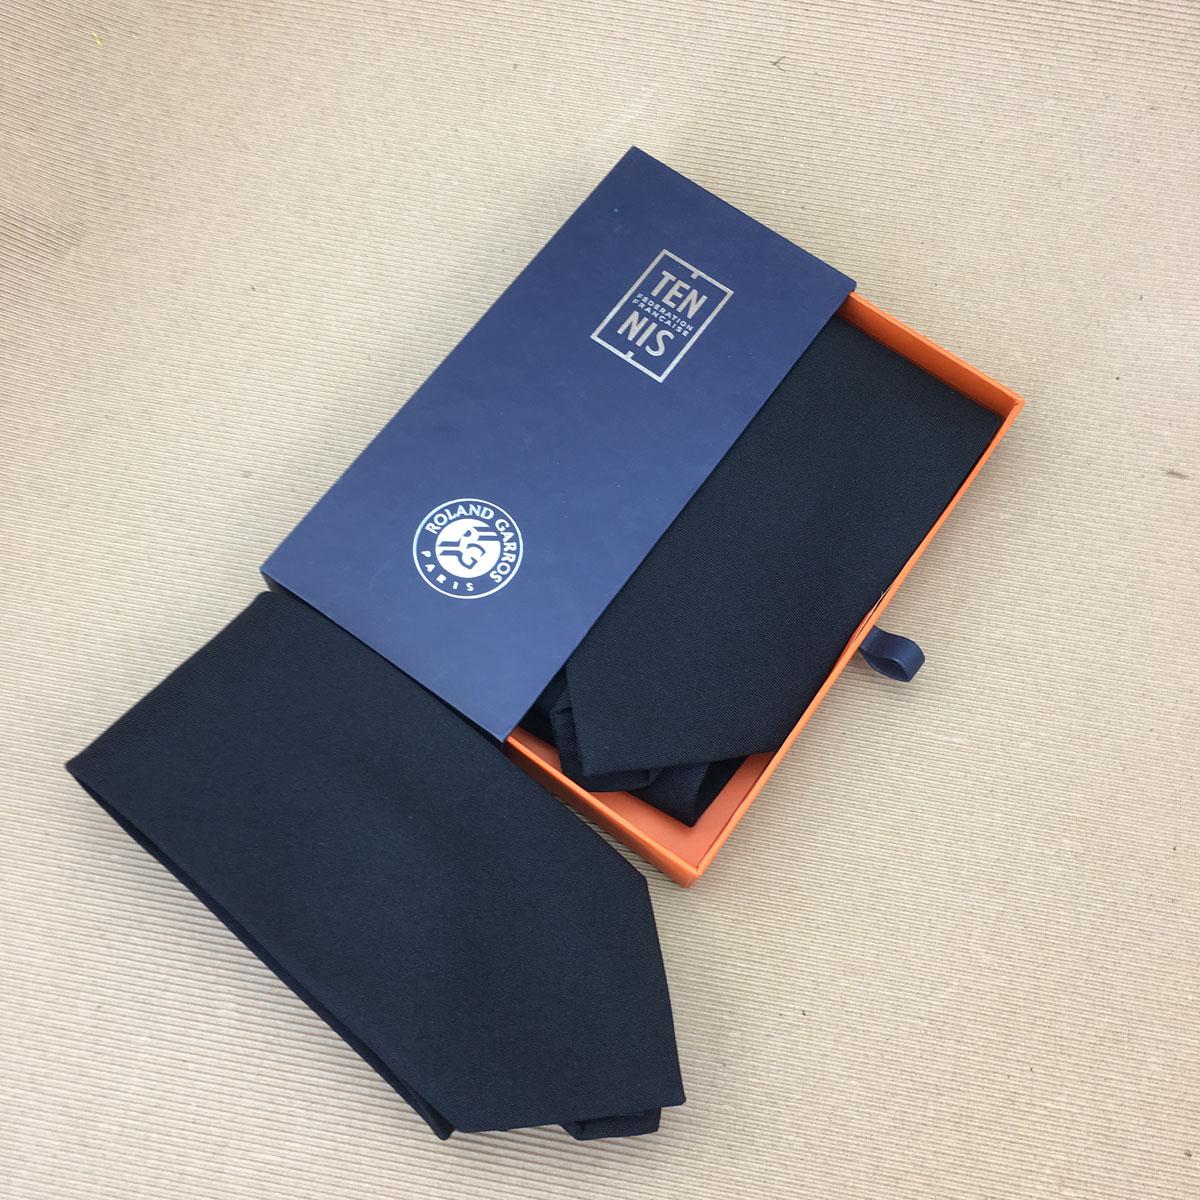 packaging for ties-5.jpg